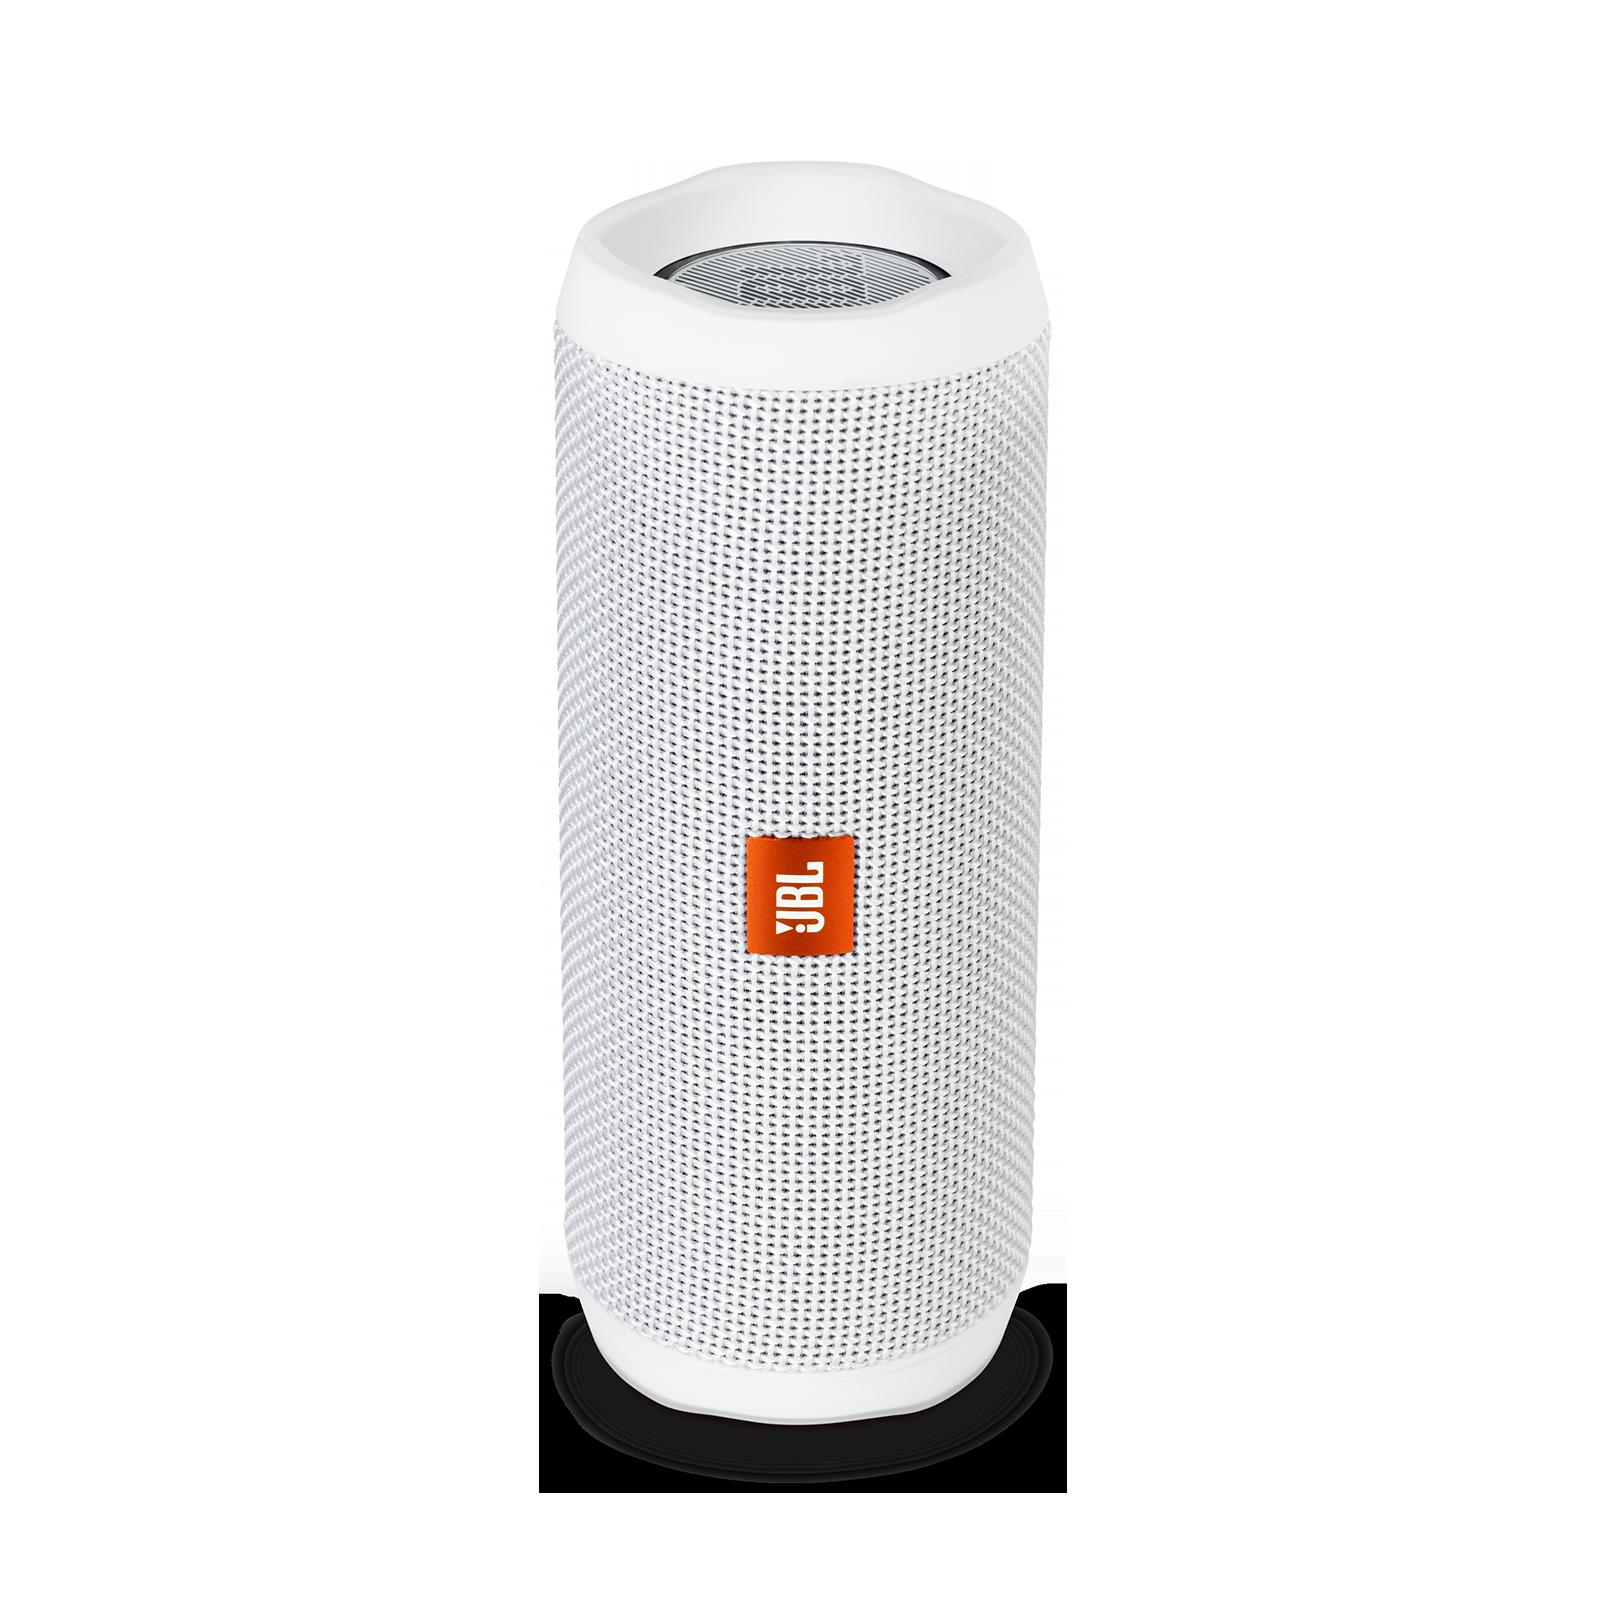 JBL Flip 4, přenosný voděodolný Bluetooth reproduktor - bílý